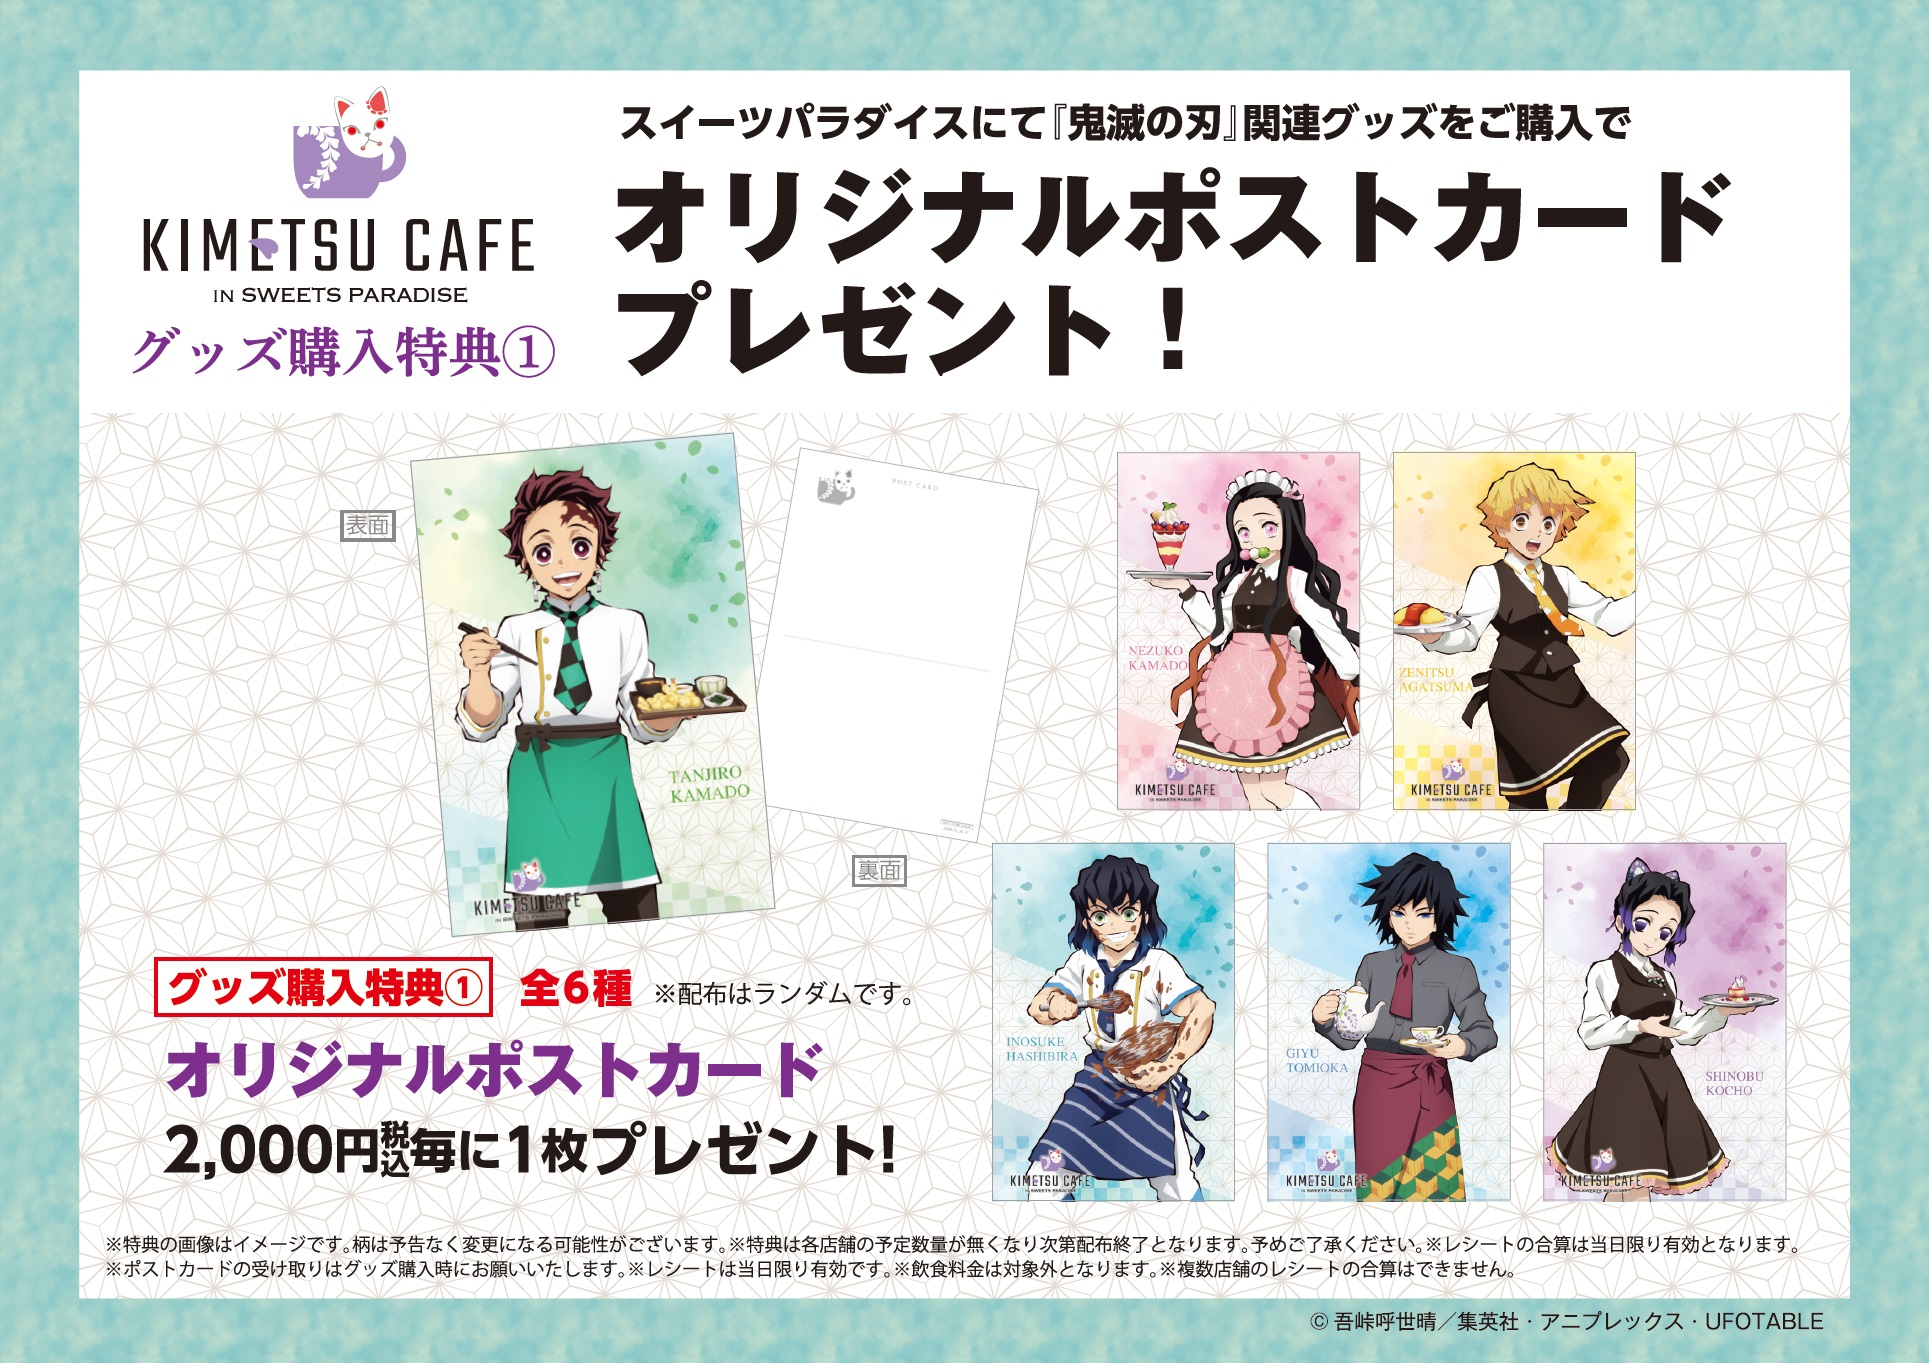 Kimetsu Cafe Gift